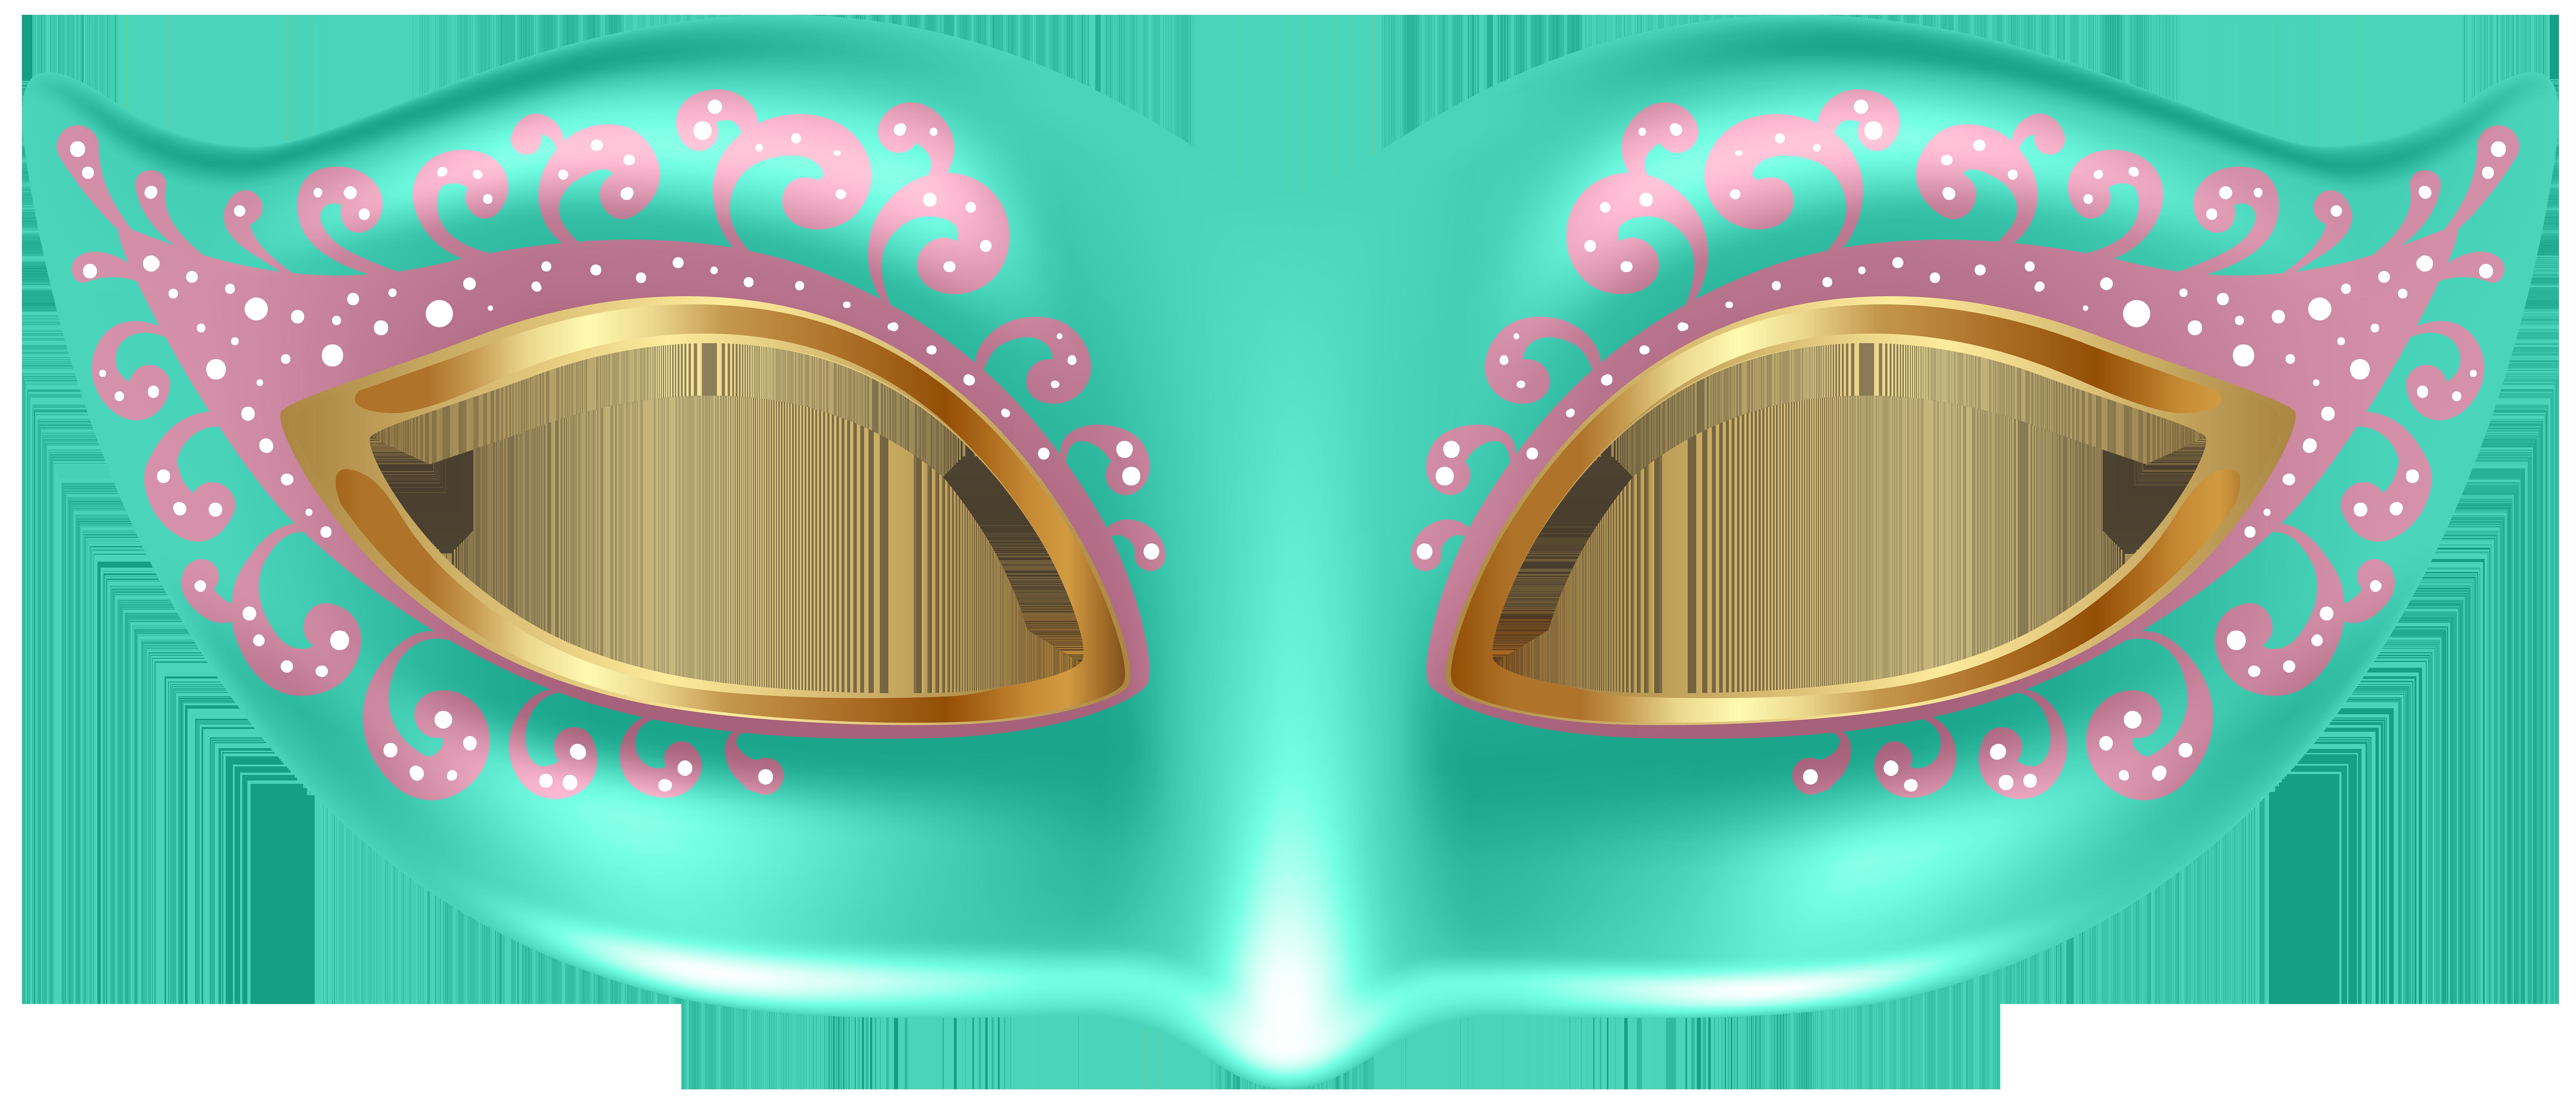 svg transparent stock Png clip art image. Mask transparent